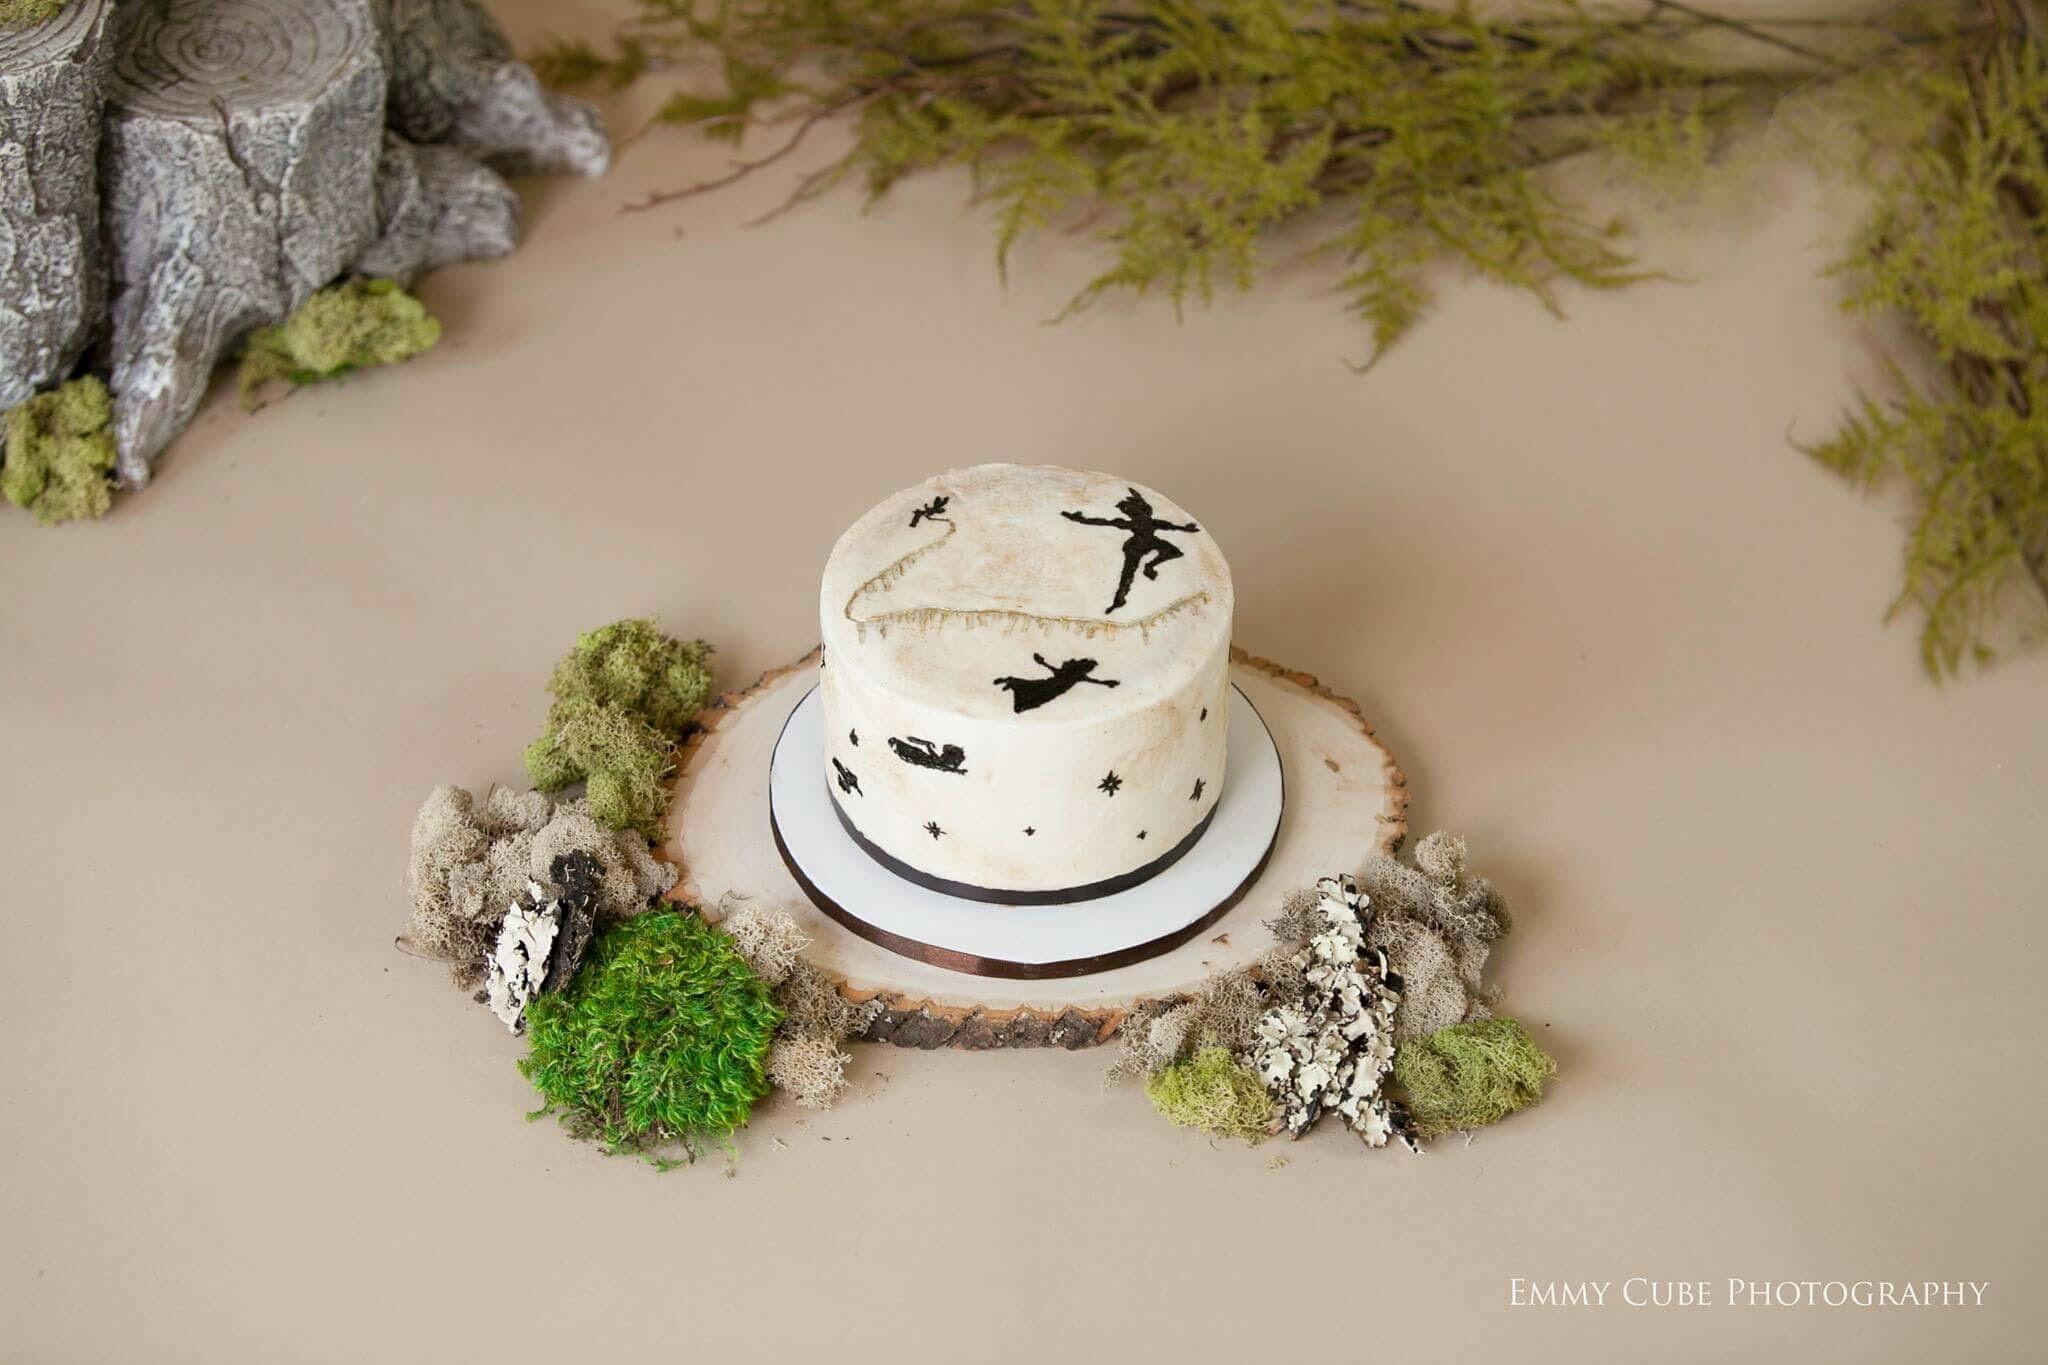 Neverland Smash Cake